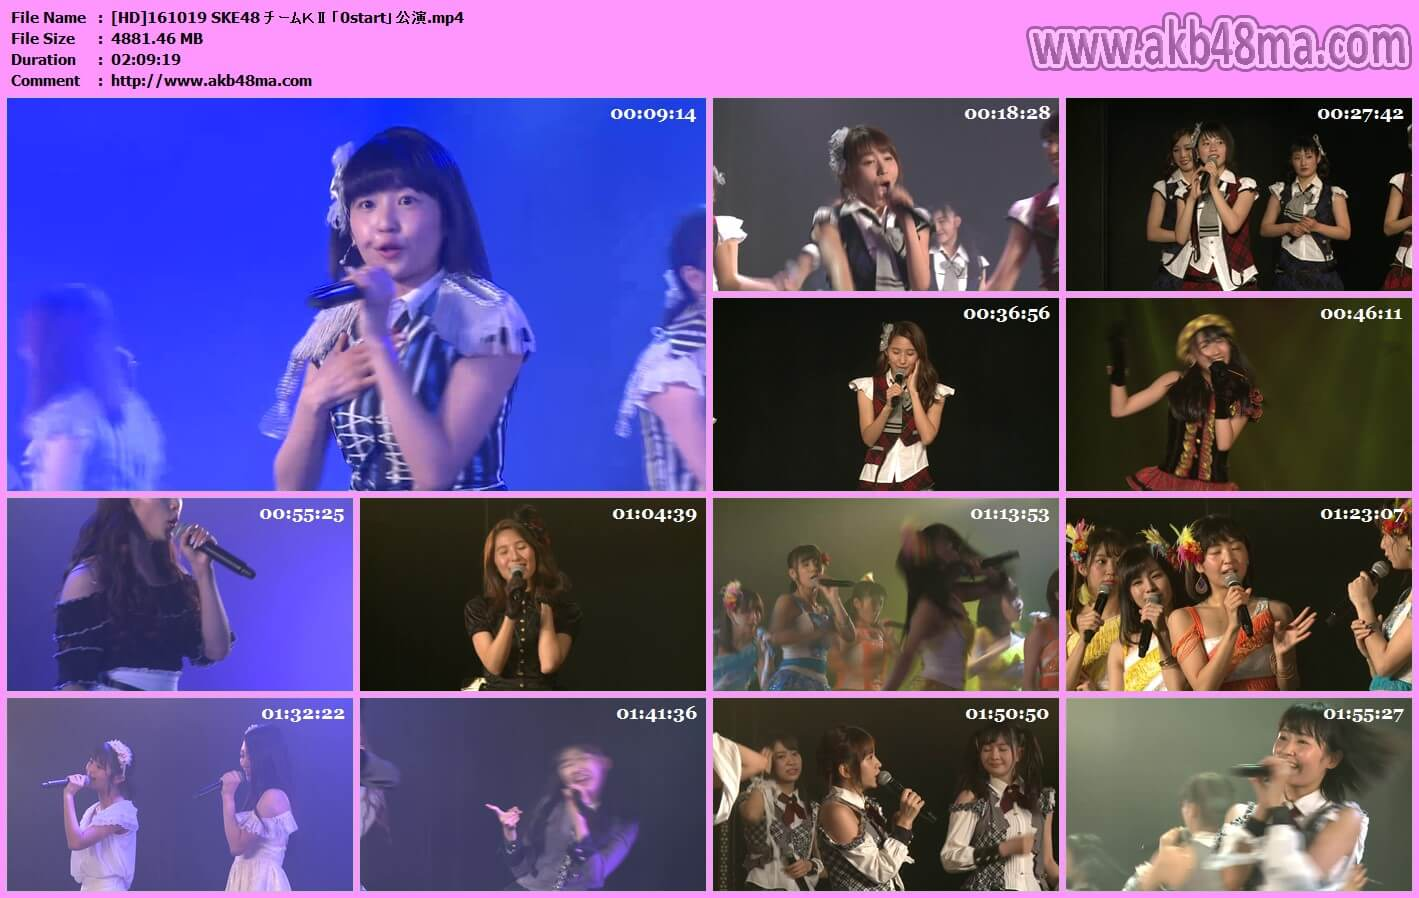 【公演配信】161019 SKE48 チームKⅡ「0start」公演